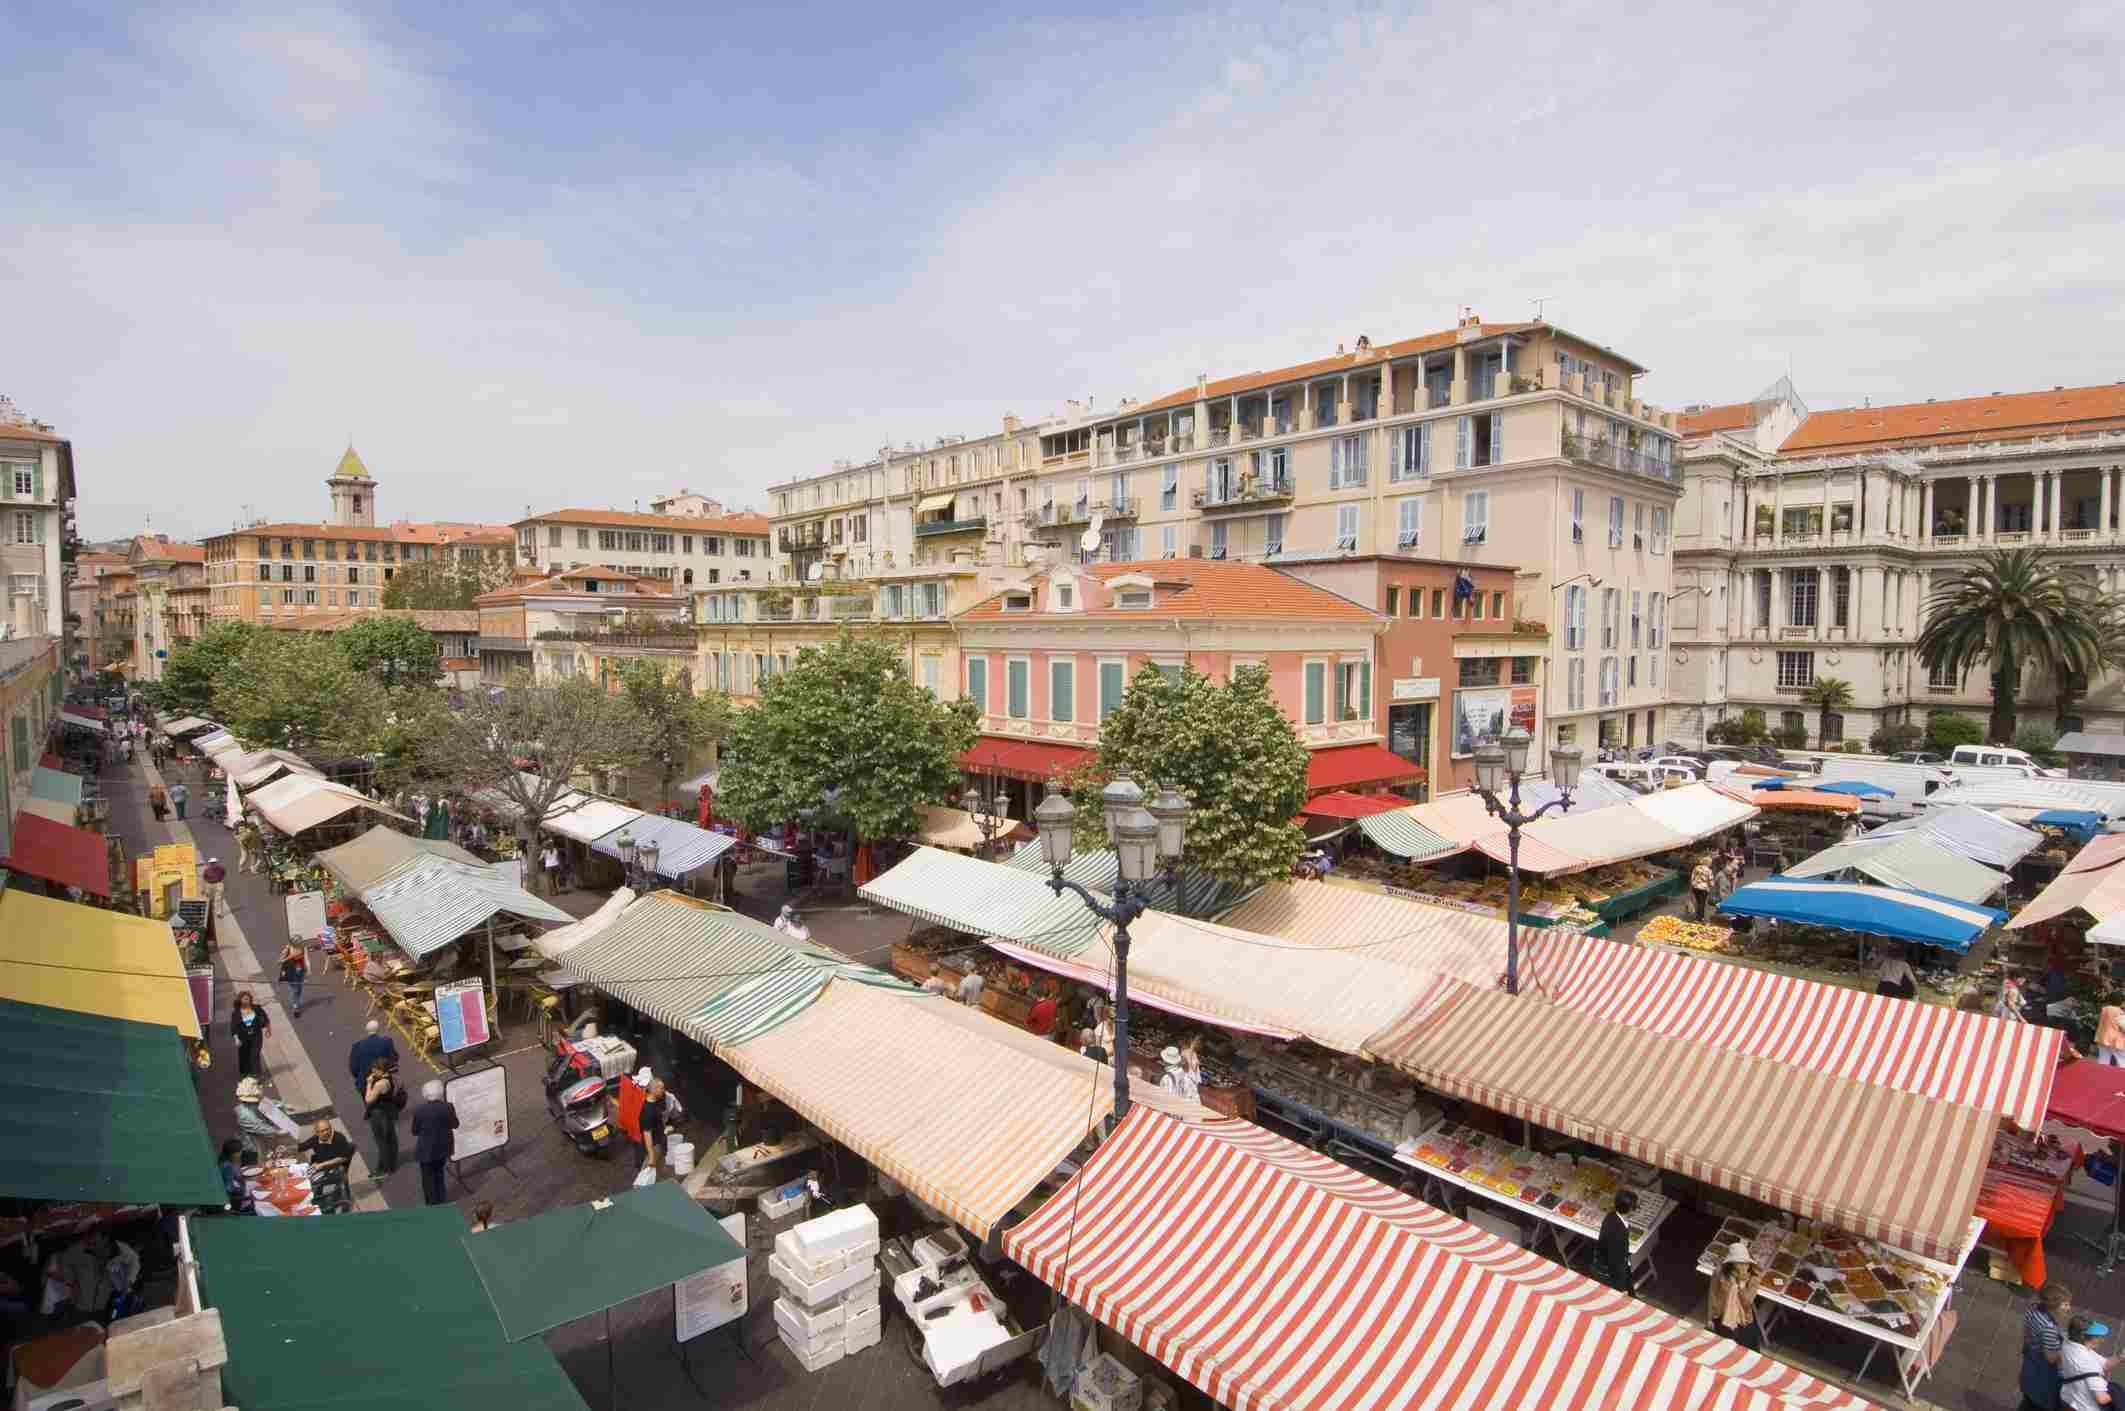 Cours Saleya, Niza, Alpes Marítimos, Provenza, Costa Azul, Riviera Francesa, Francia, Europa